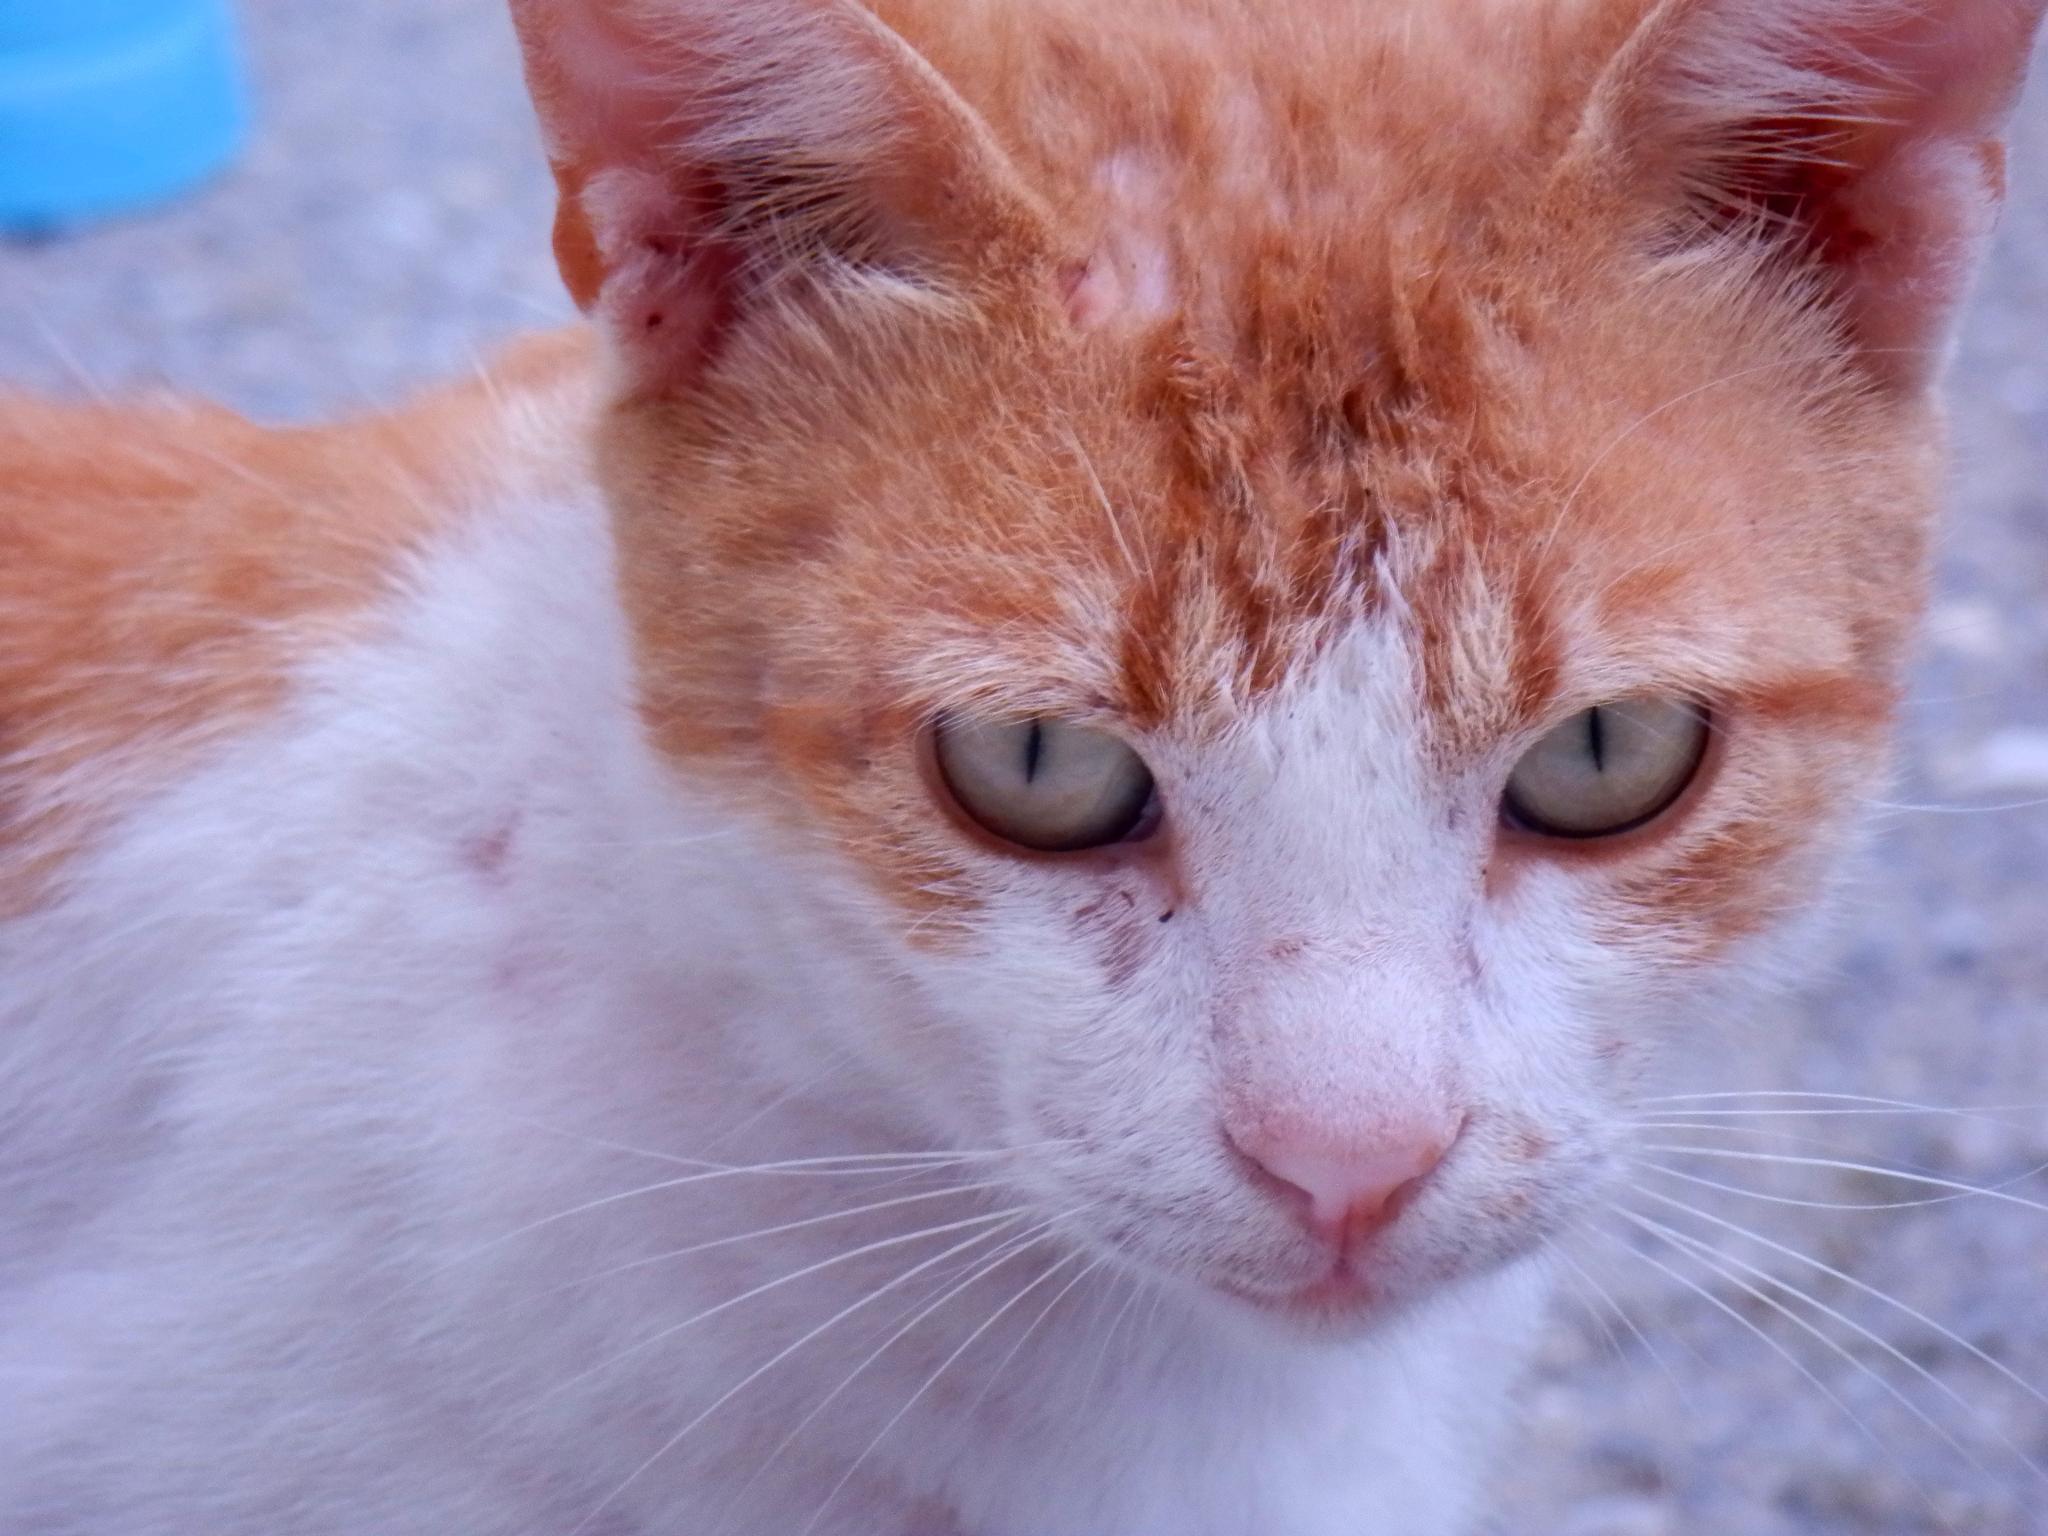 Portrait of a cat by Eirini Pyrovolaki